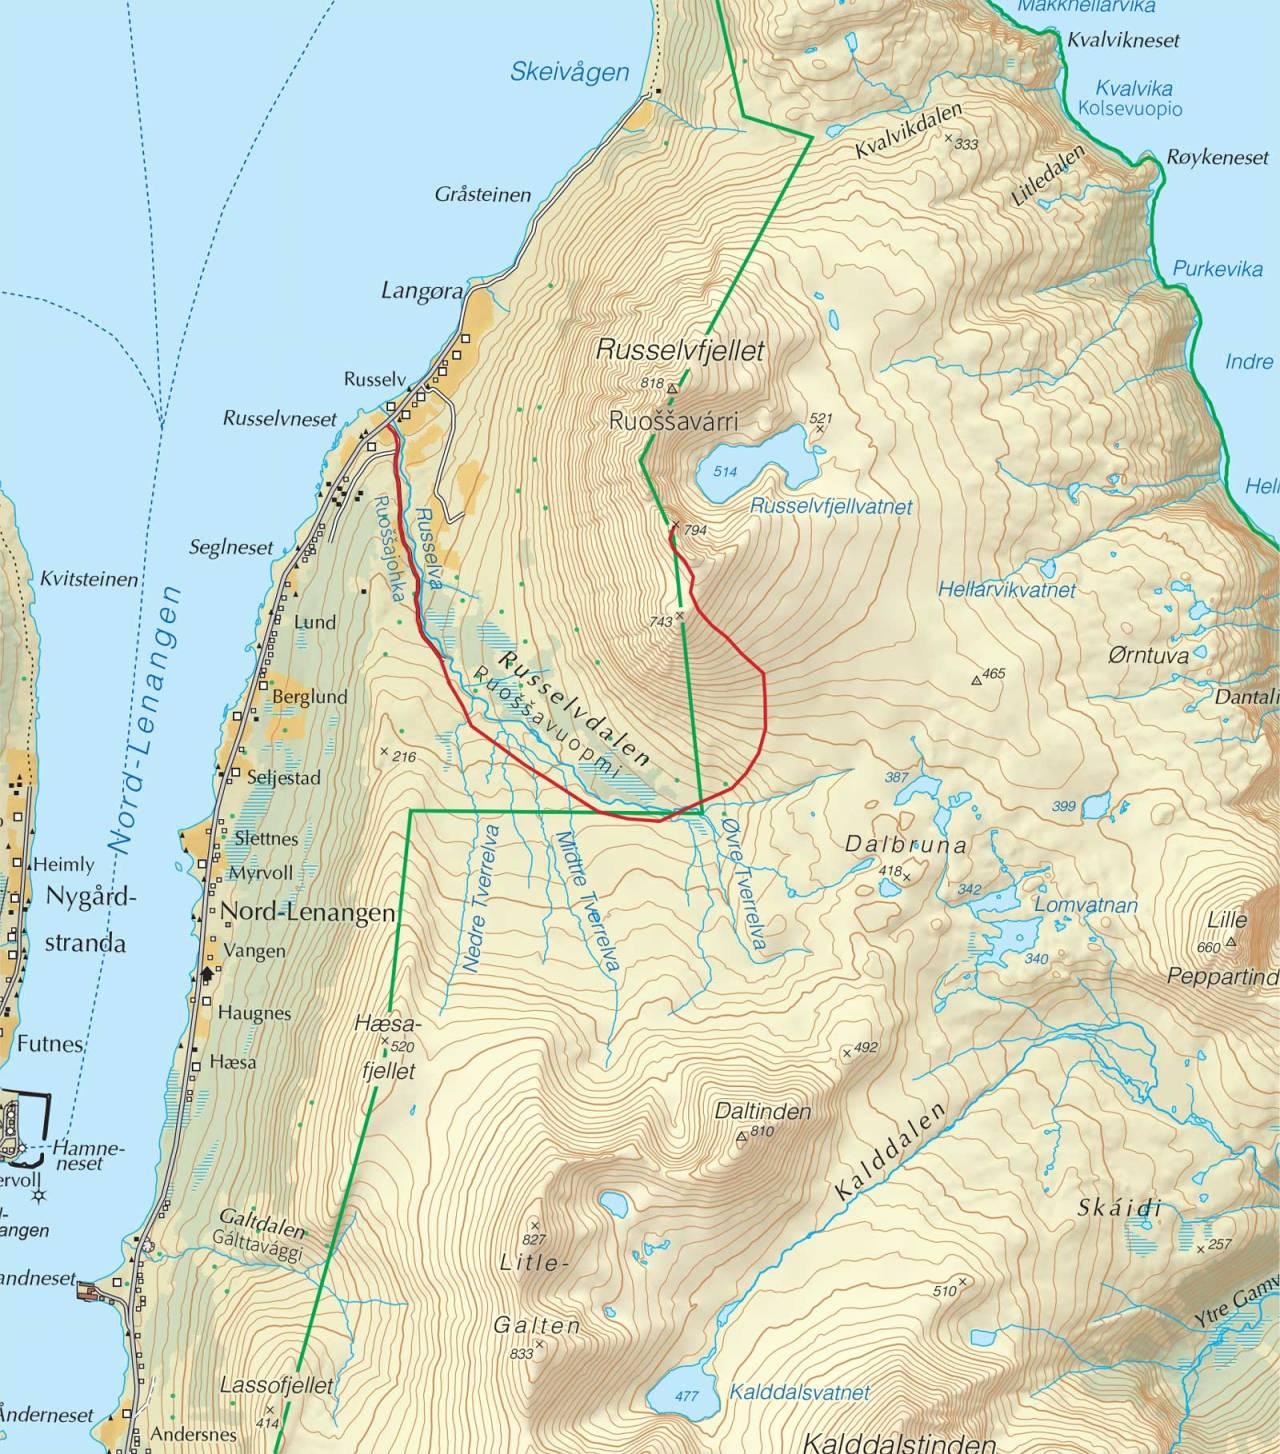 Kart over Russelvfjellet med inntegnet rute. Fra Trygge toppturer.